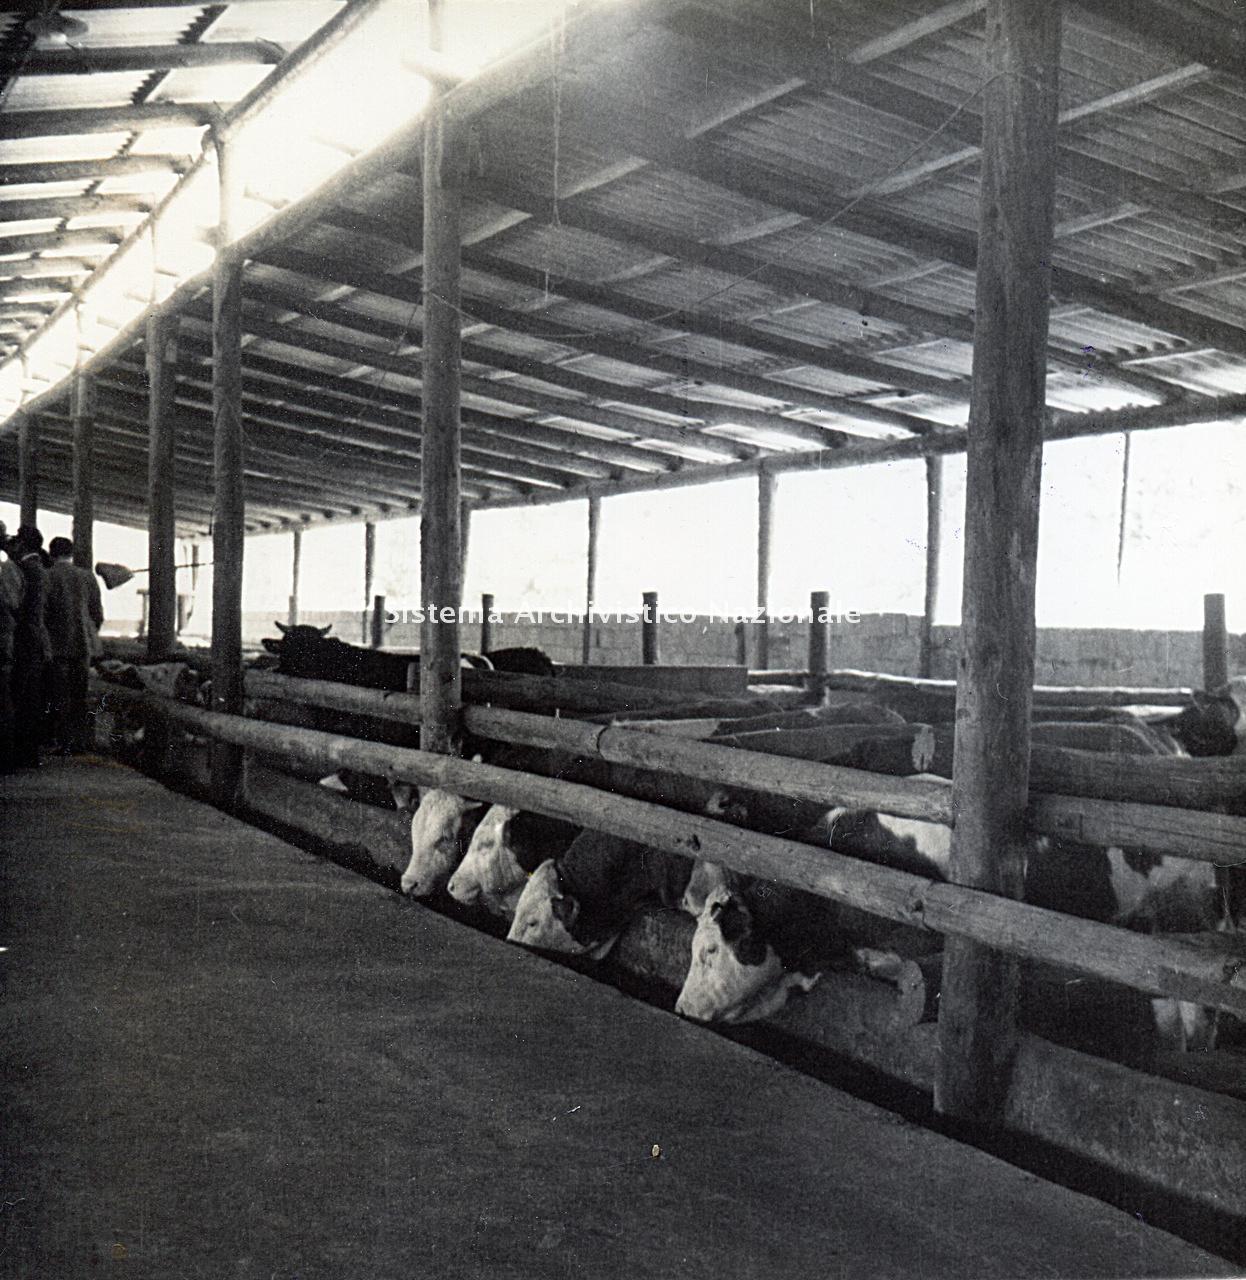 Archivio di Stato di Bergamo, Ispettorato provinciale dell'alimentazione, Ispettorato provinciale dell'agricoltura, Schedario fotografico dell'ex Servizio provinciale Foreste e Alimentazione (1961/1983),5.1: Allevamento - aziende, ---, 2_5.1-009